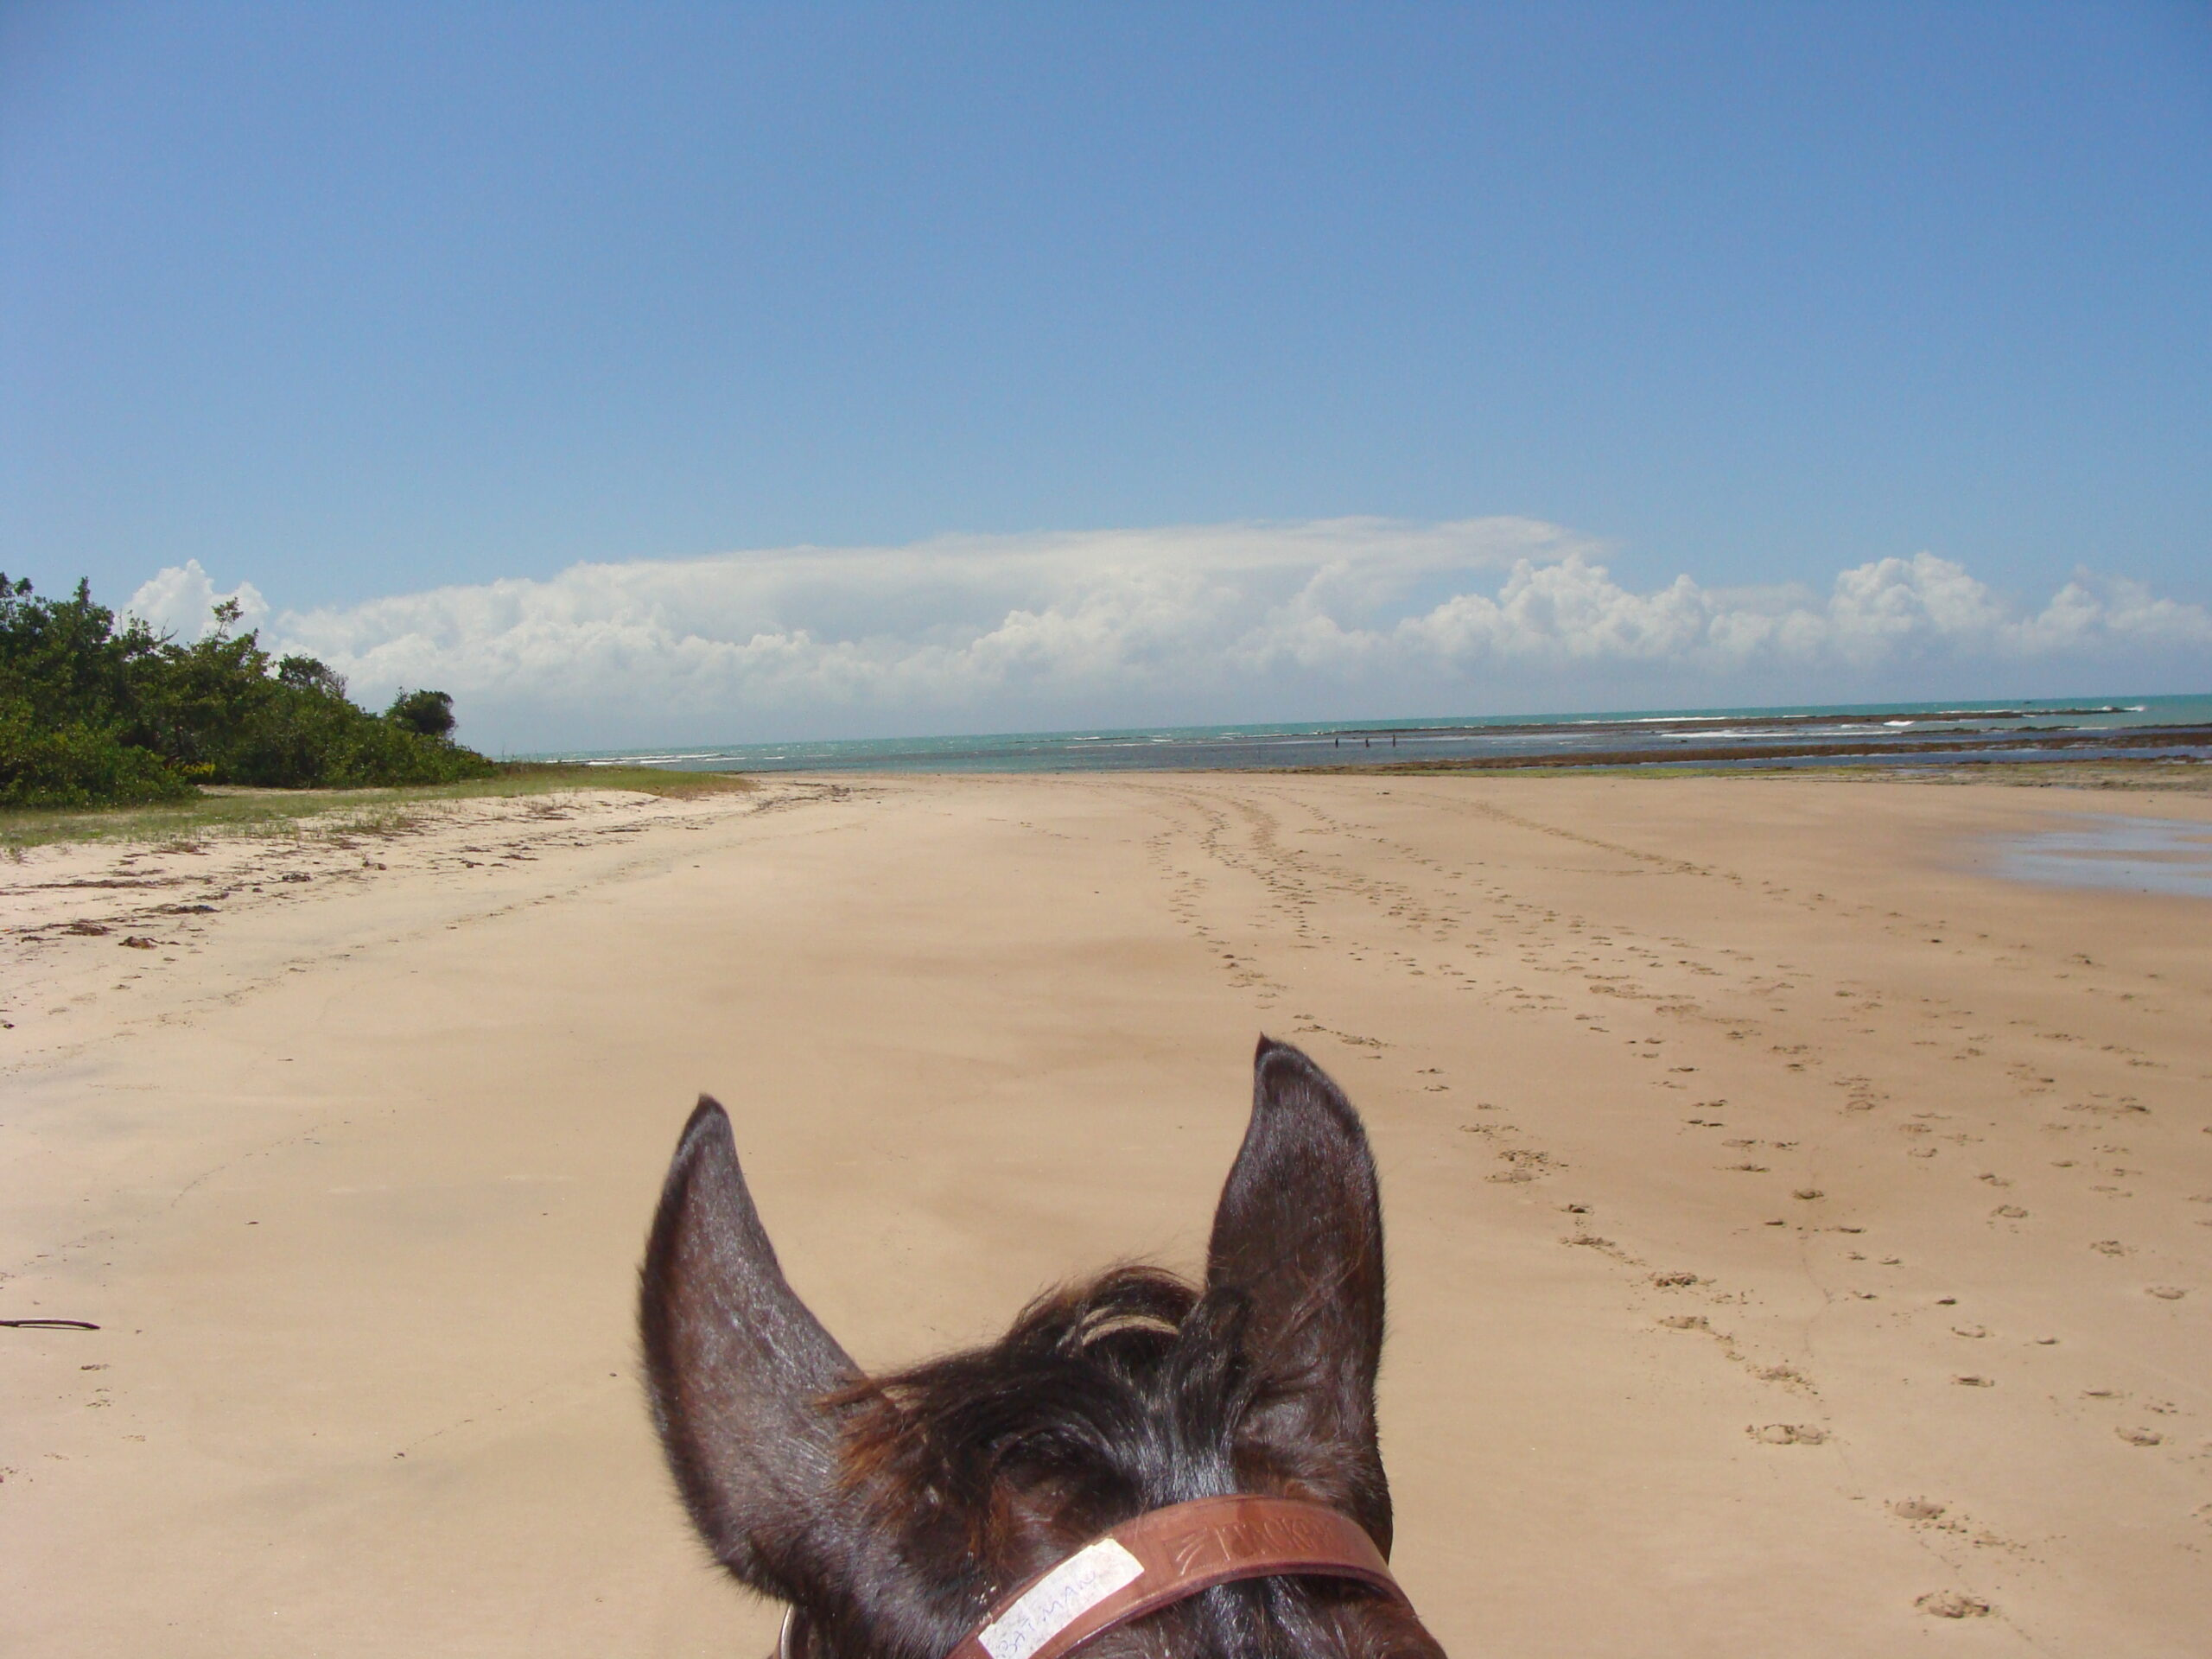 Eindeloze stranden in Brazilië - Vakantie te paard / Reisbureau Perlan